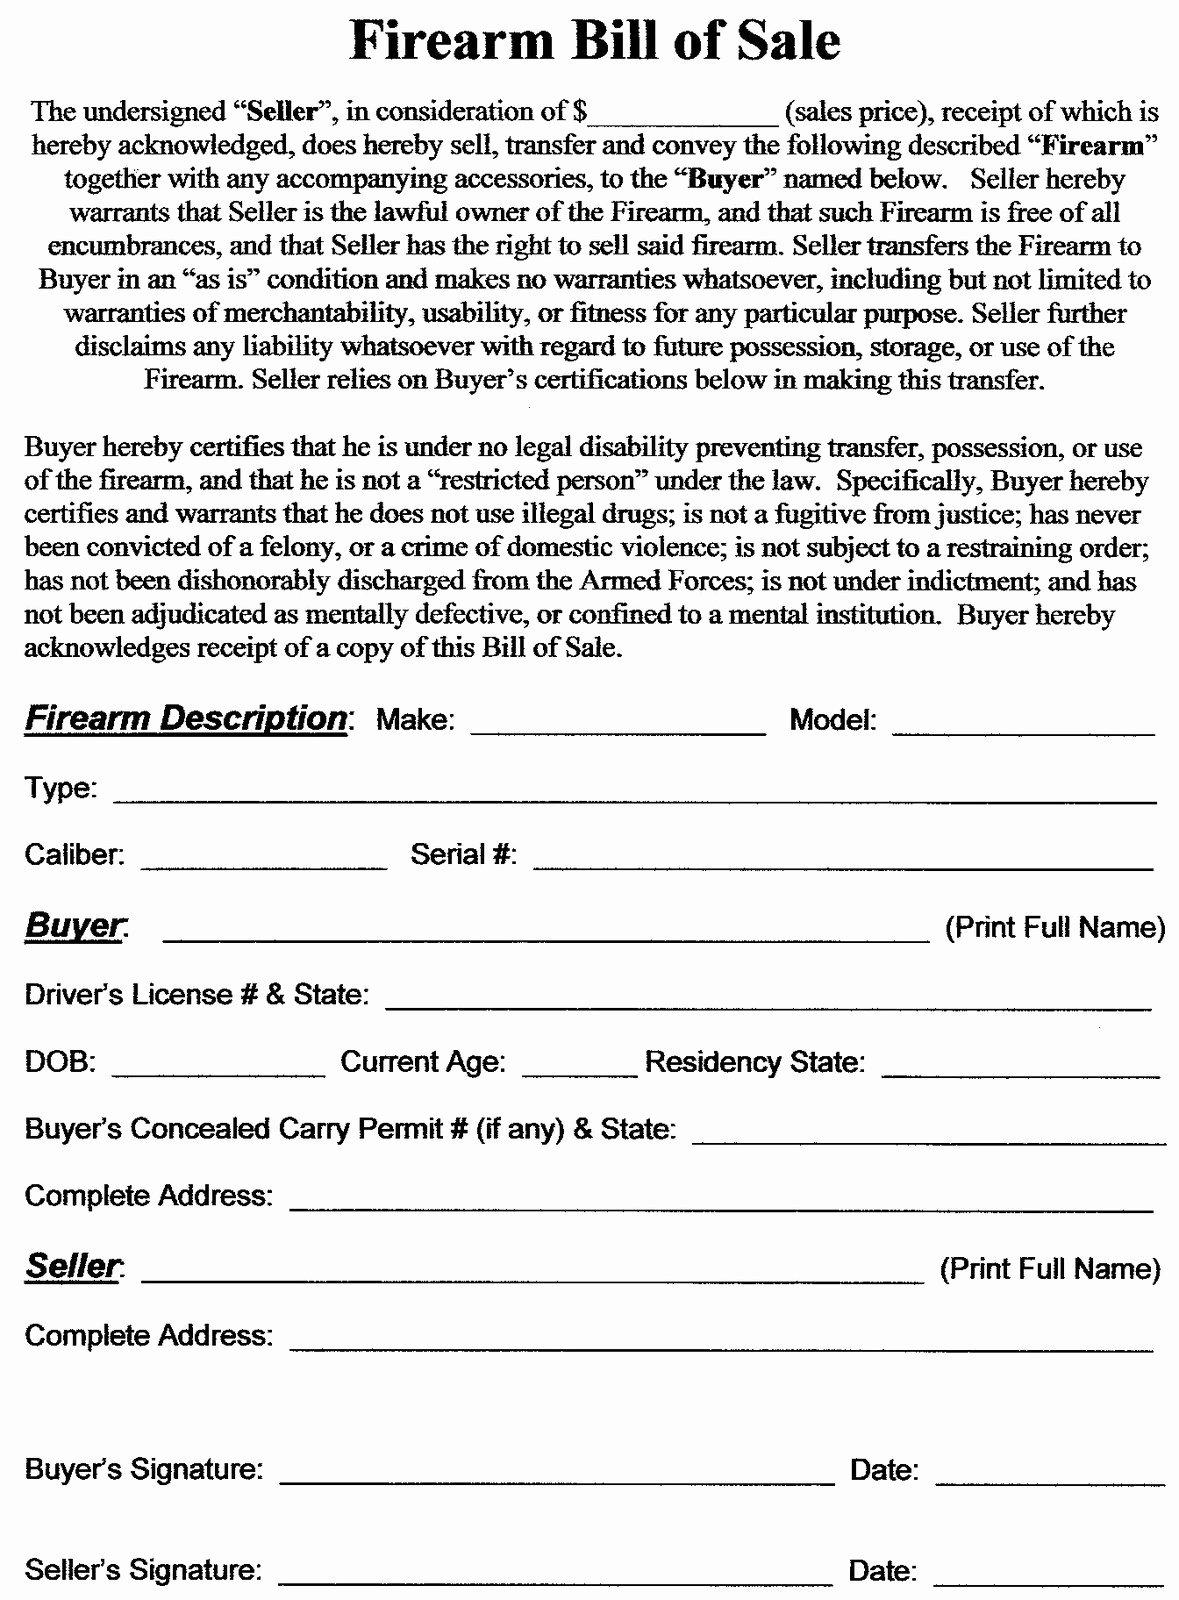 Firearm Bill Of Sale Florida Lovely Firearm Bill Of Sale